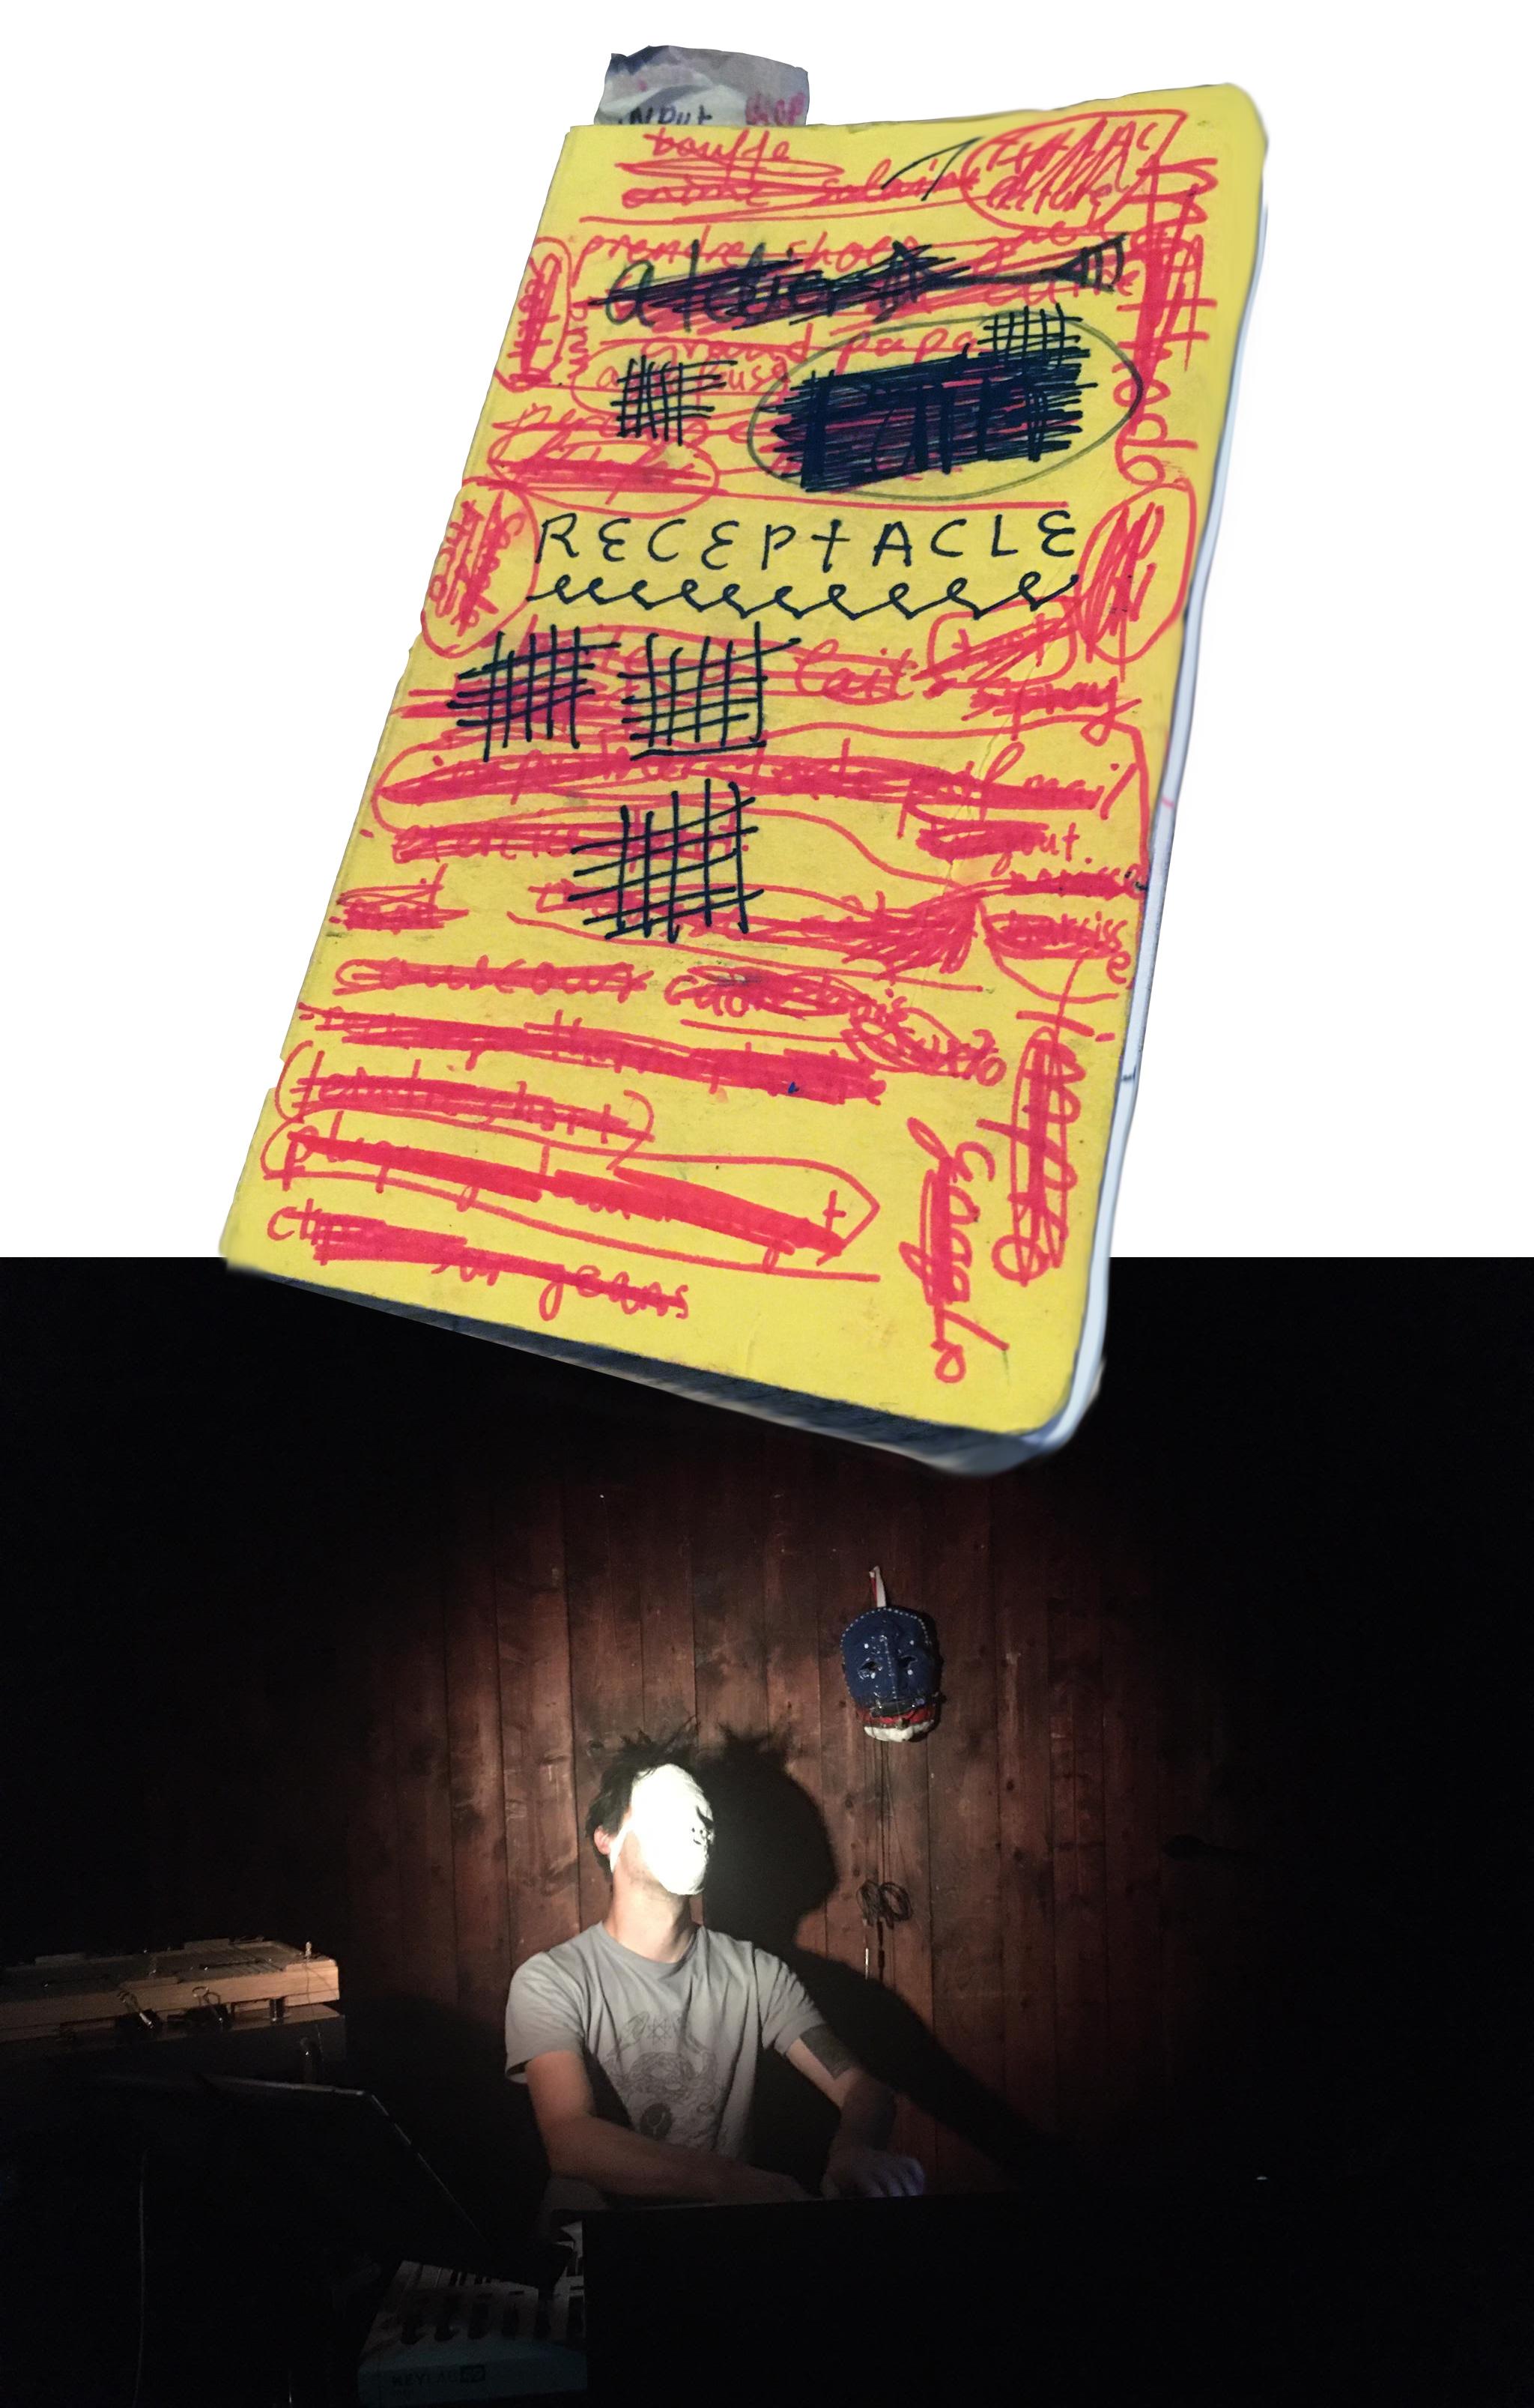 receptacle2 Kopie